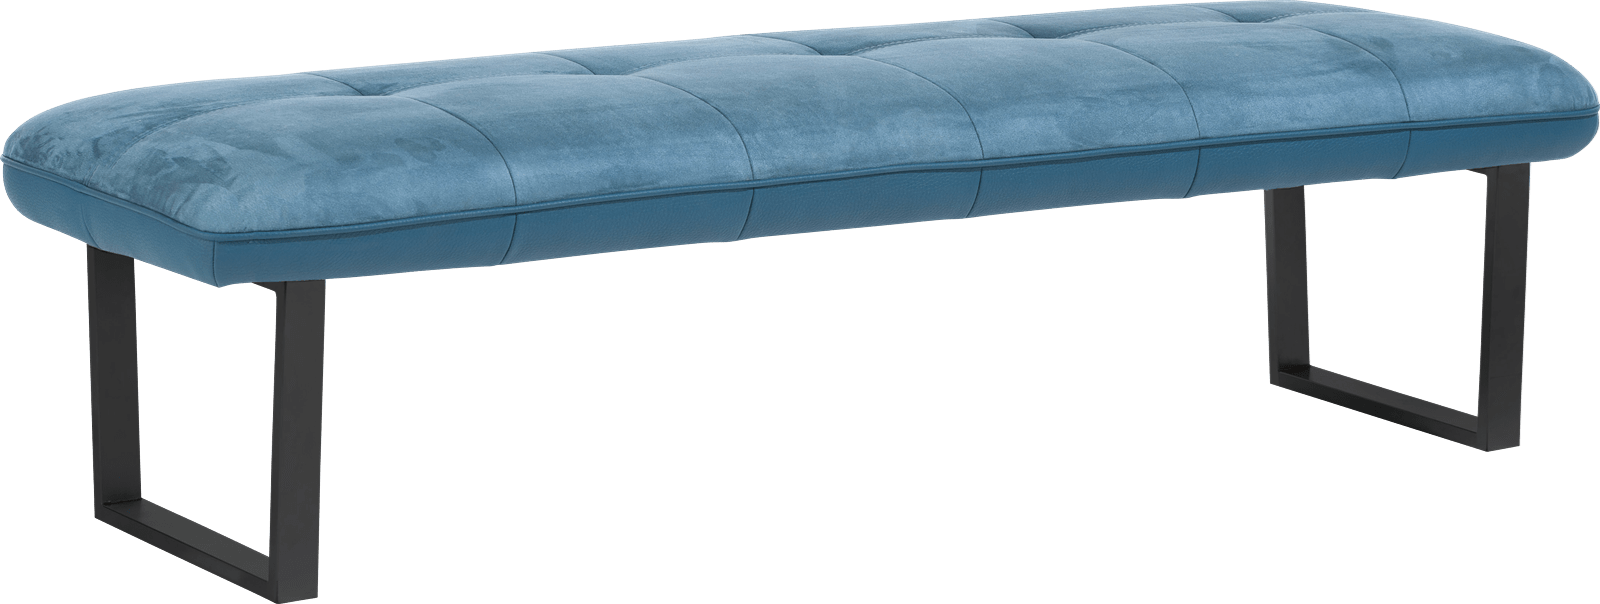 Milva Bank - sofa sans dos + ressort ensache - 180 cm